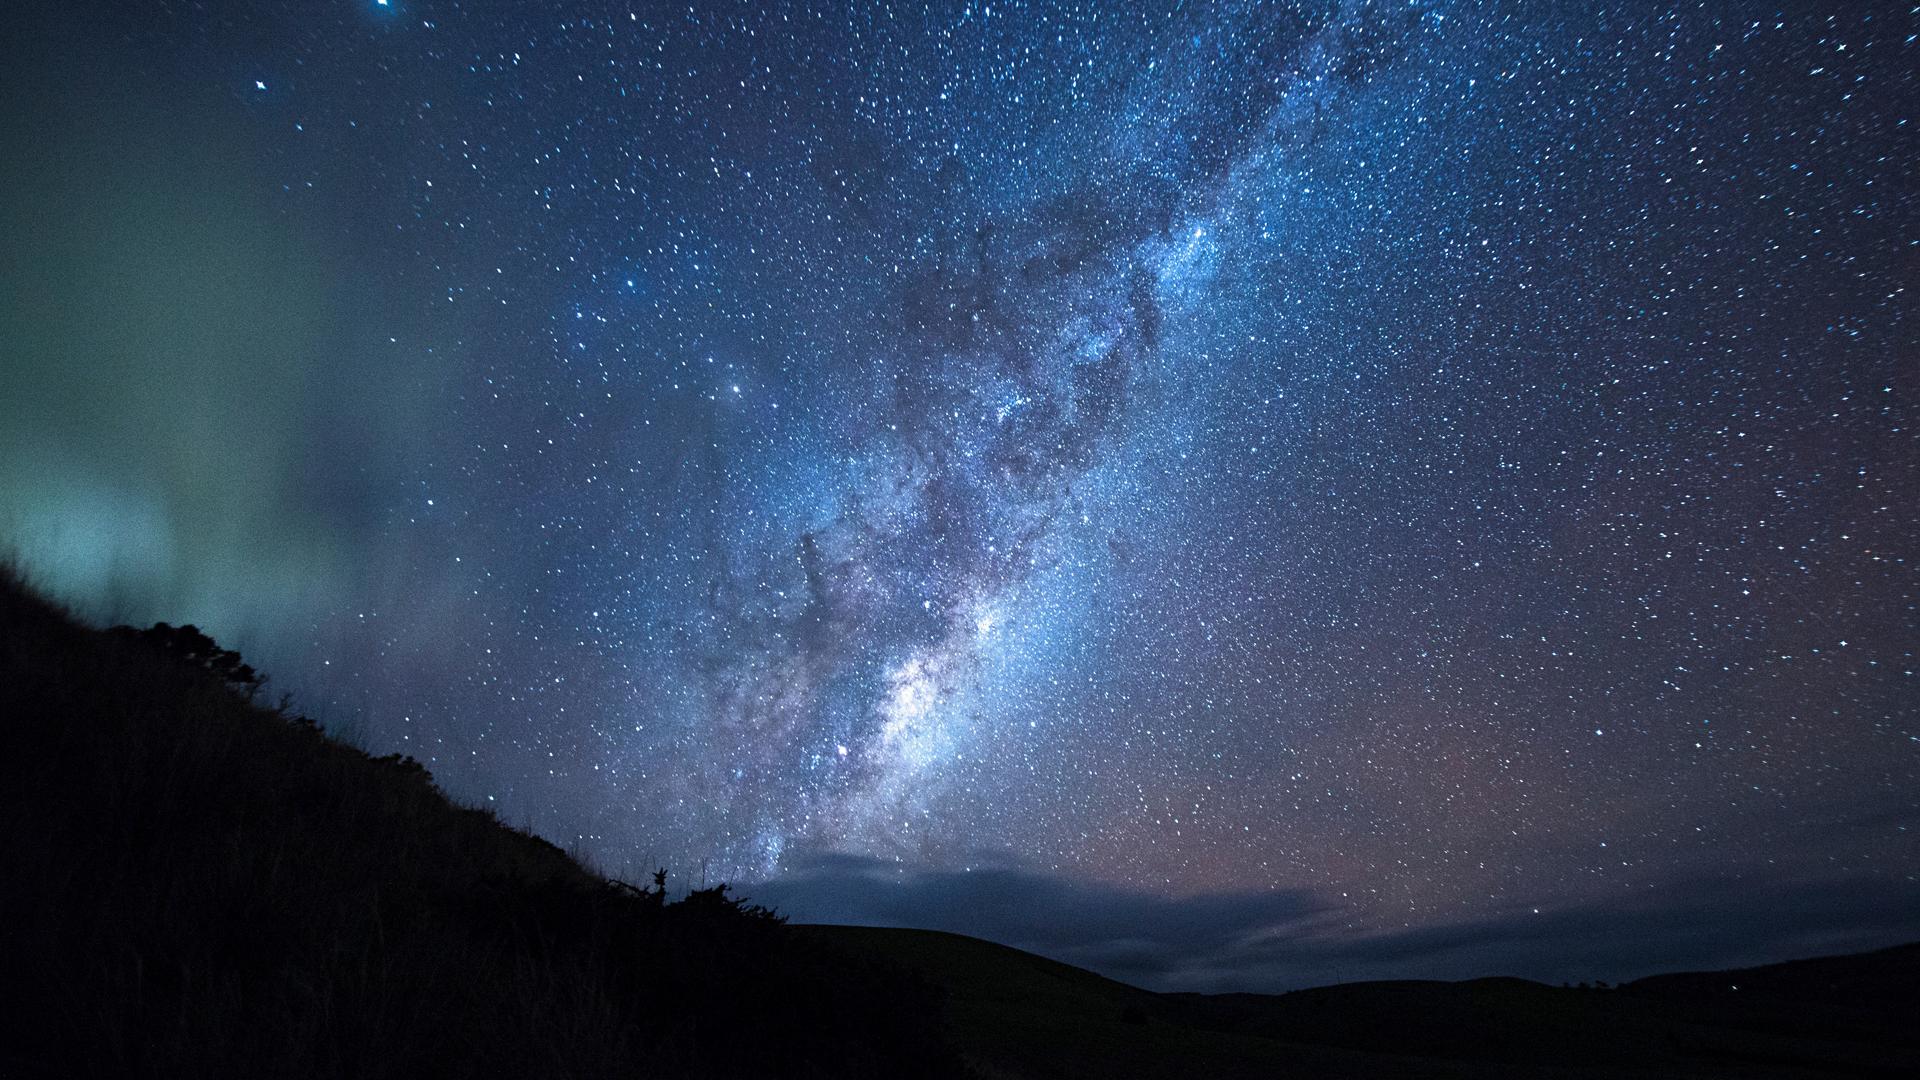 фото звездное небо на рабочий стол кур это